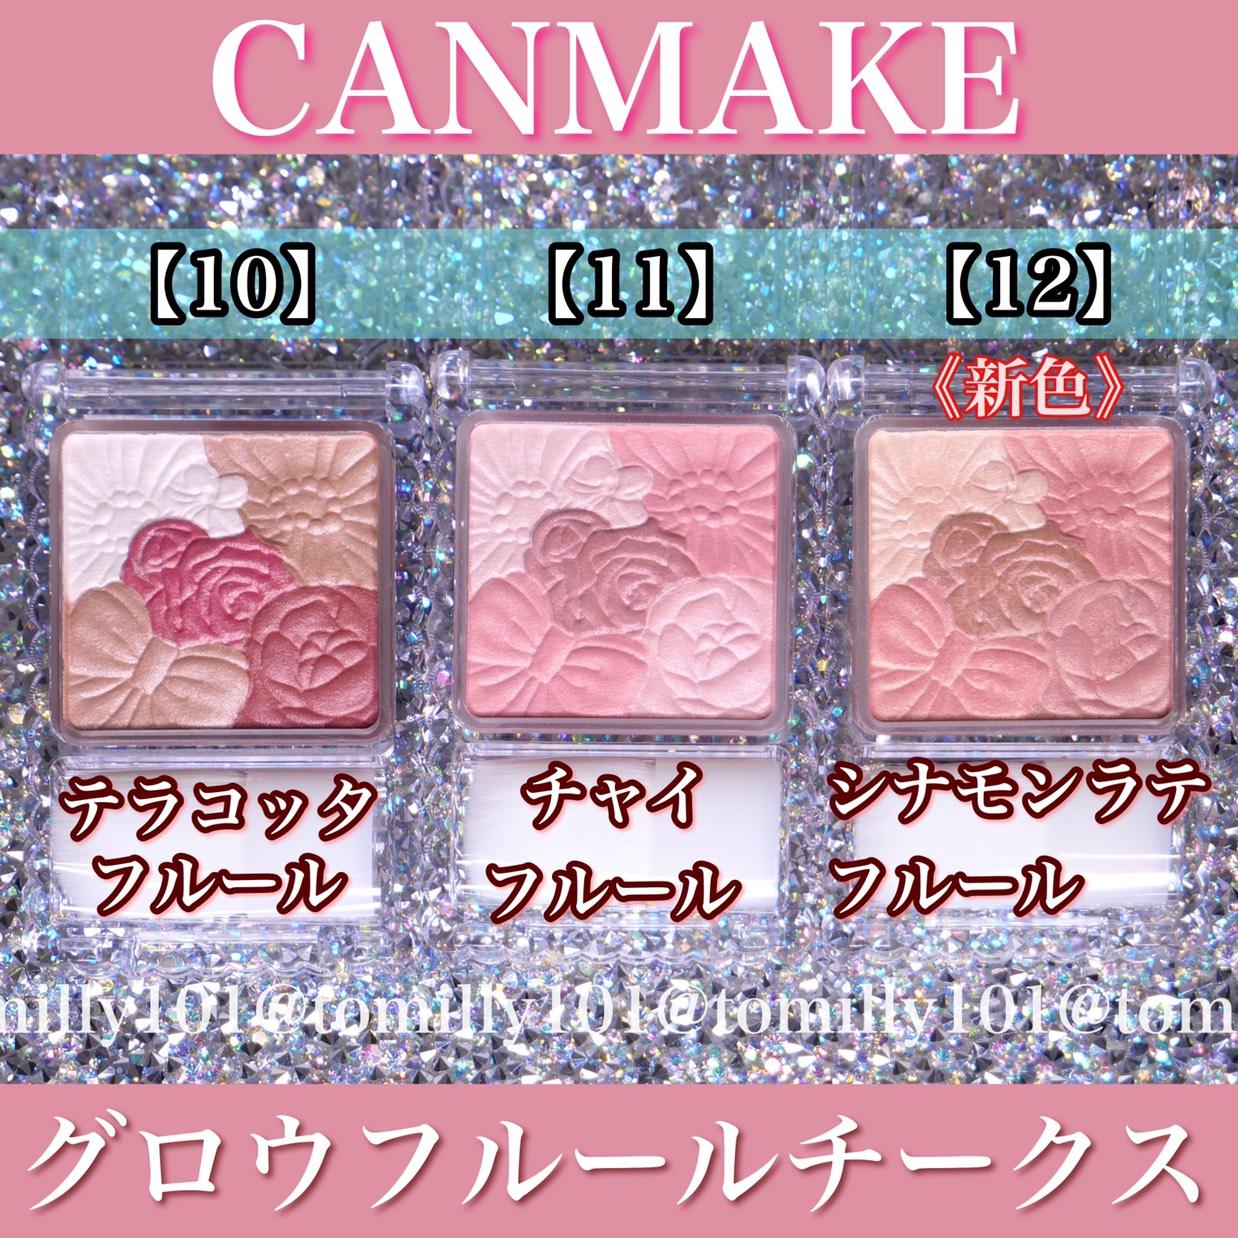 【キャンメイクチーク】新作・既存色比較のBefore画像